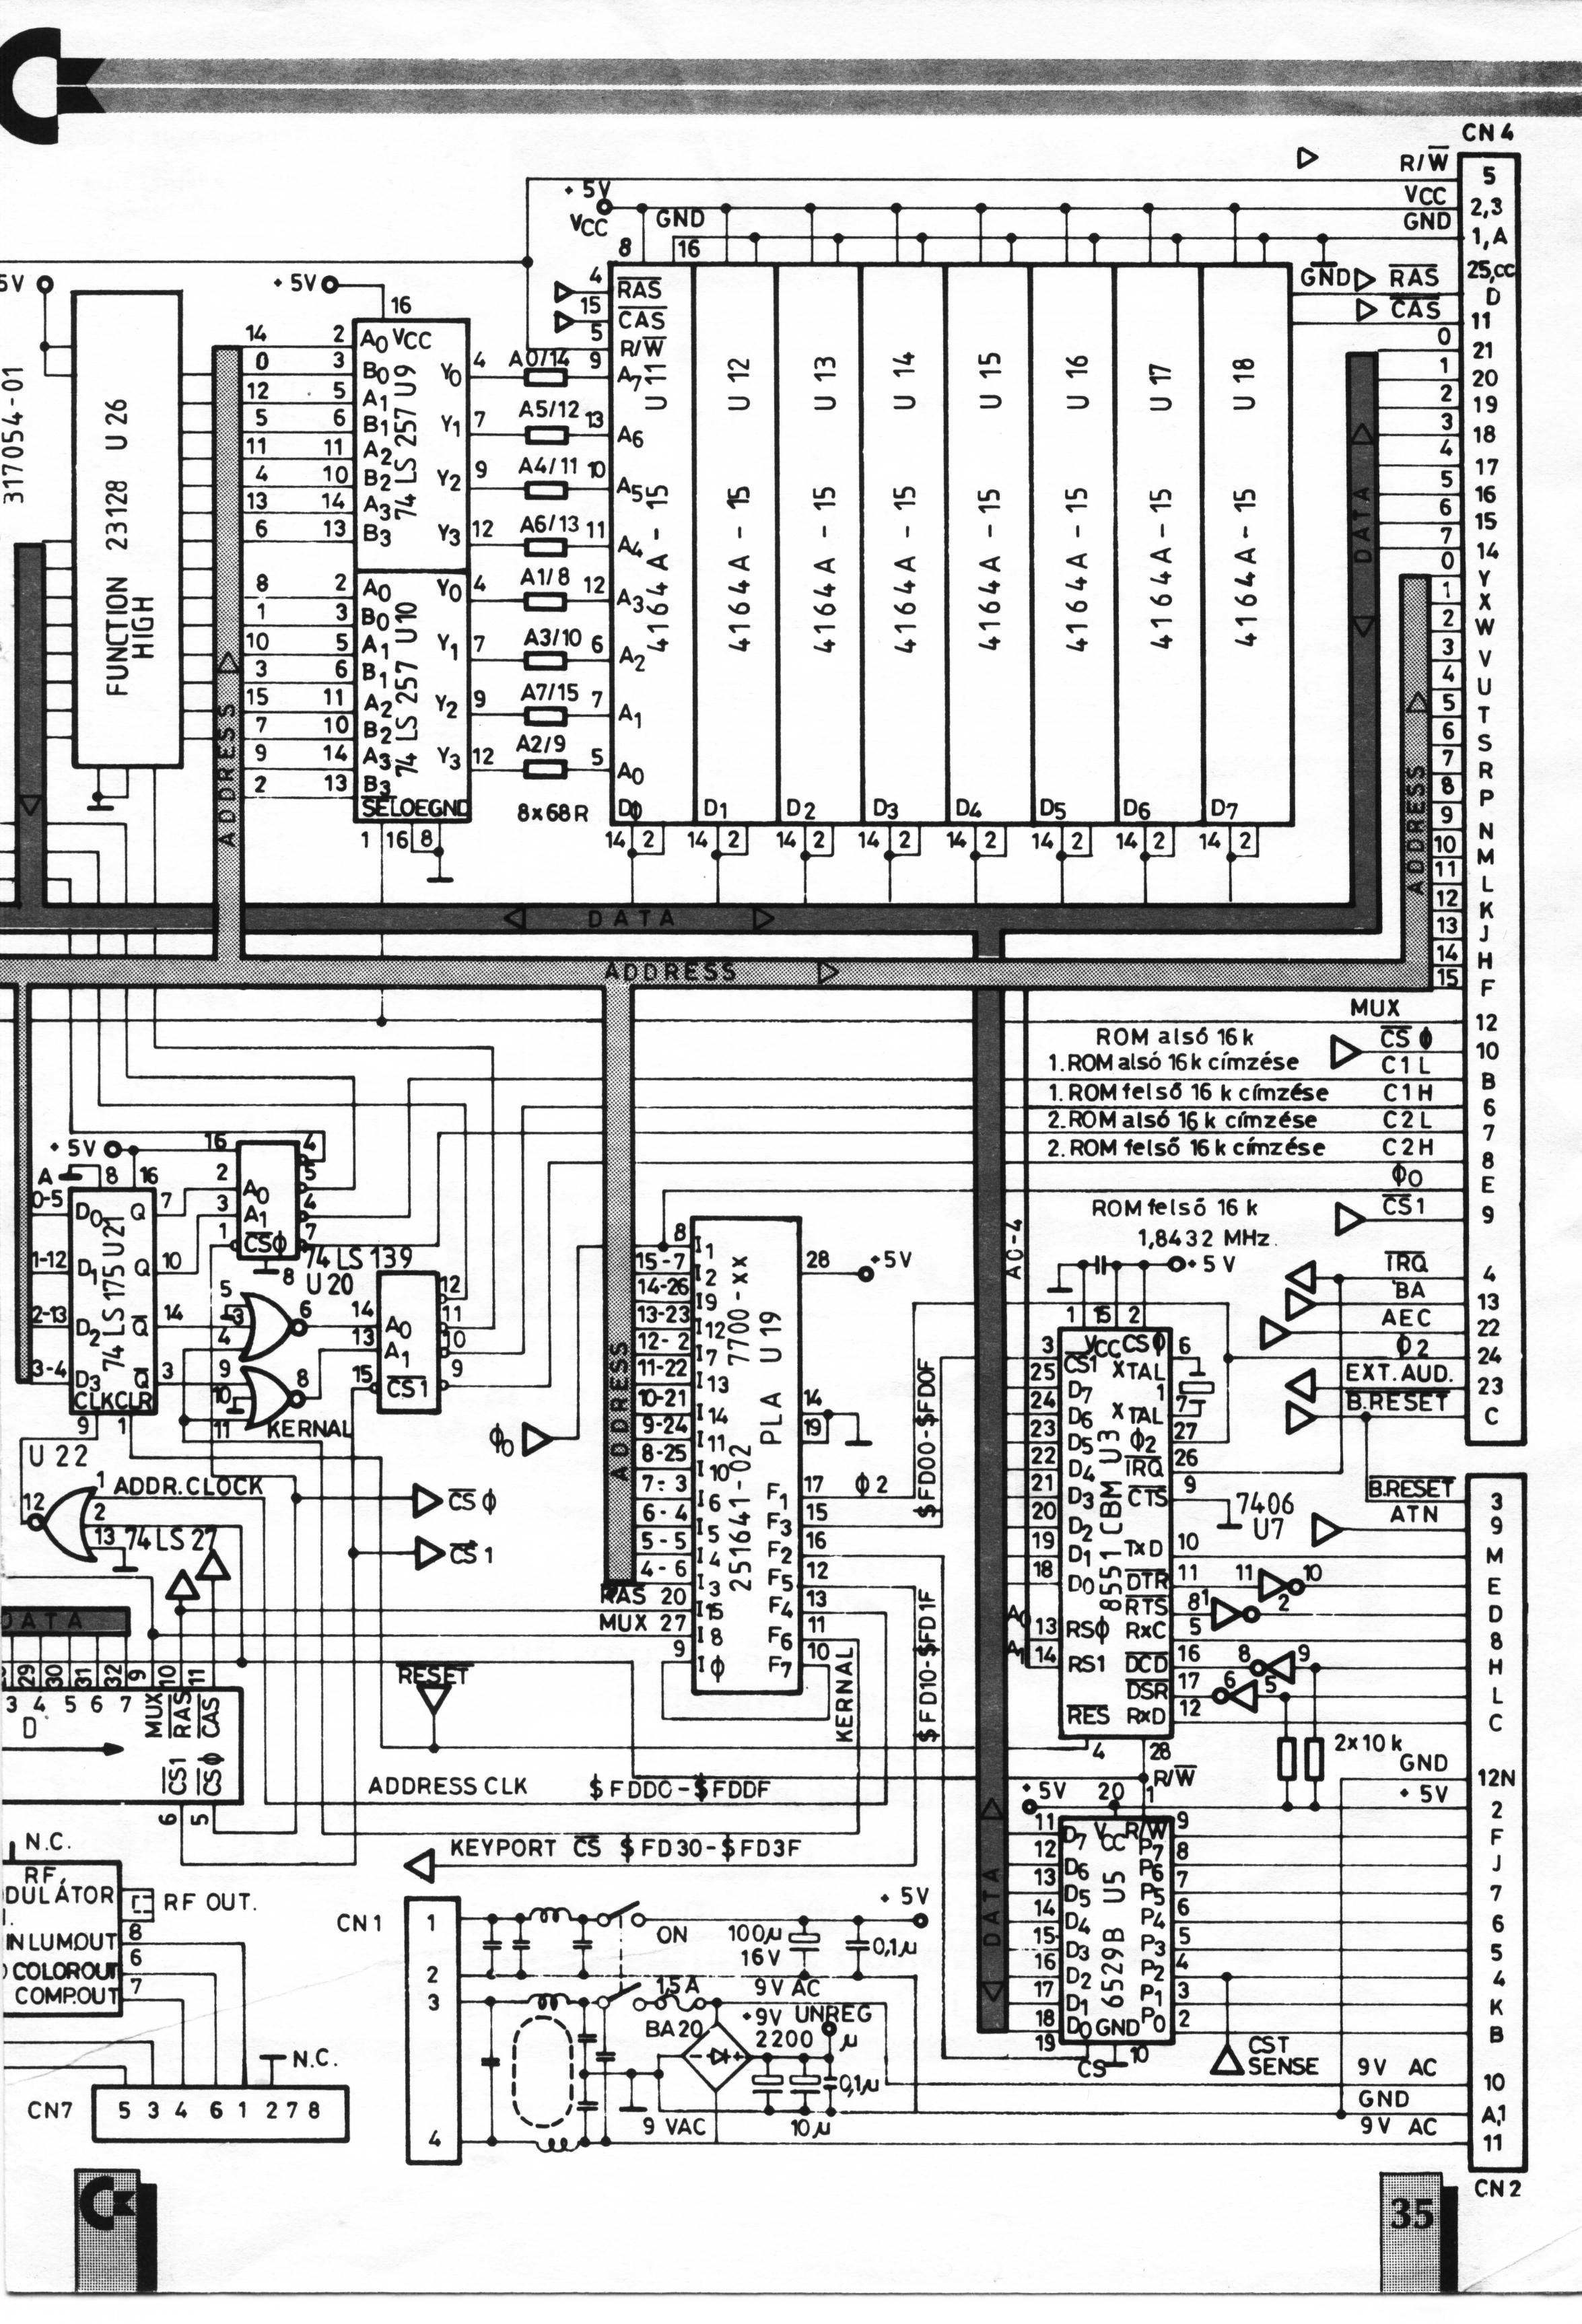 pub cbm schematics computers plus4